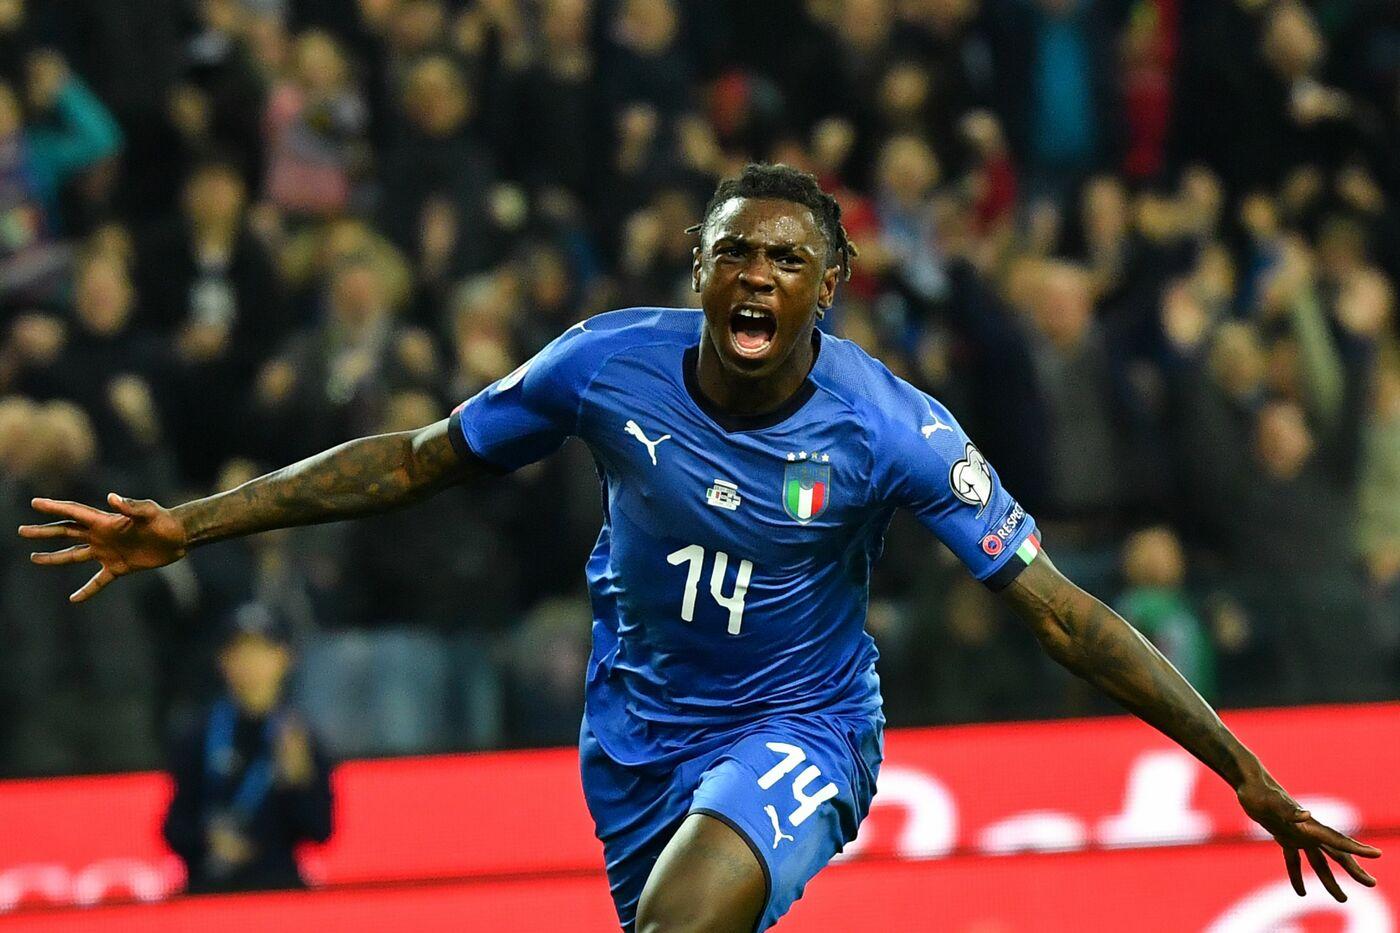 È già la Juventus di Kean:entra, segna e abbatte l'Empoli